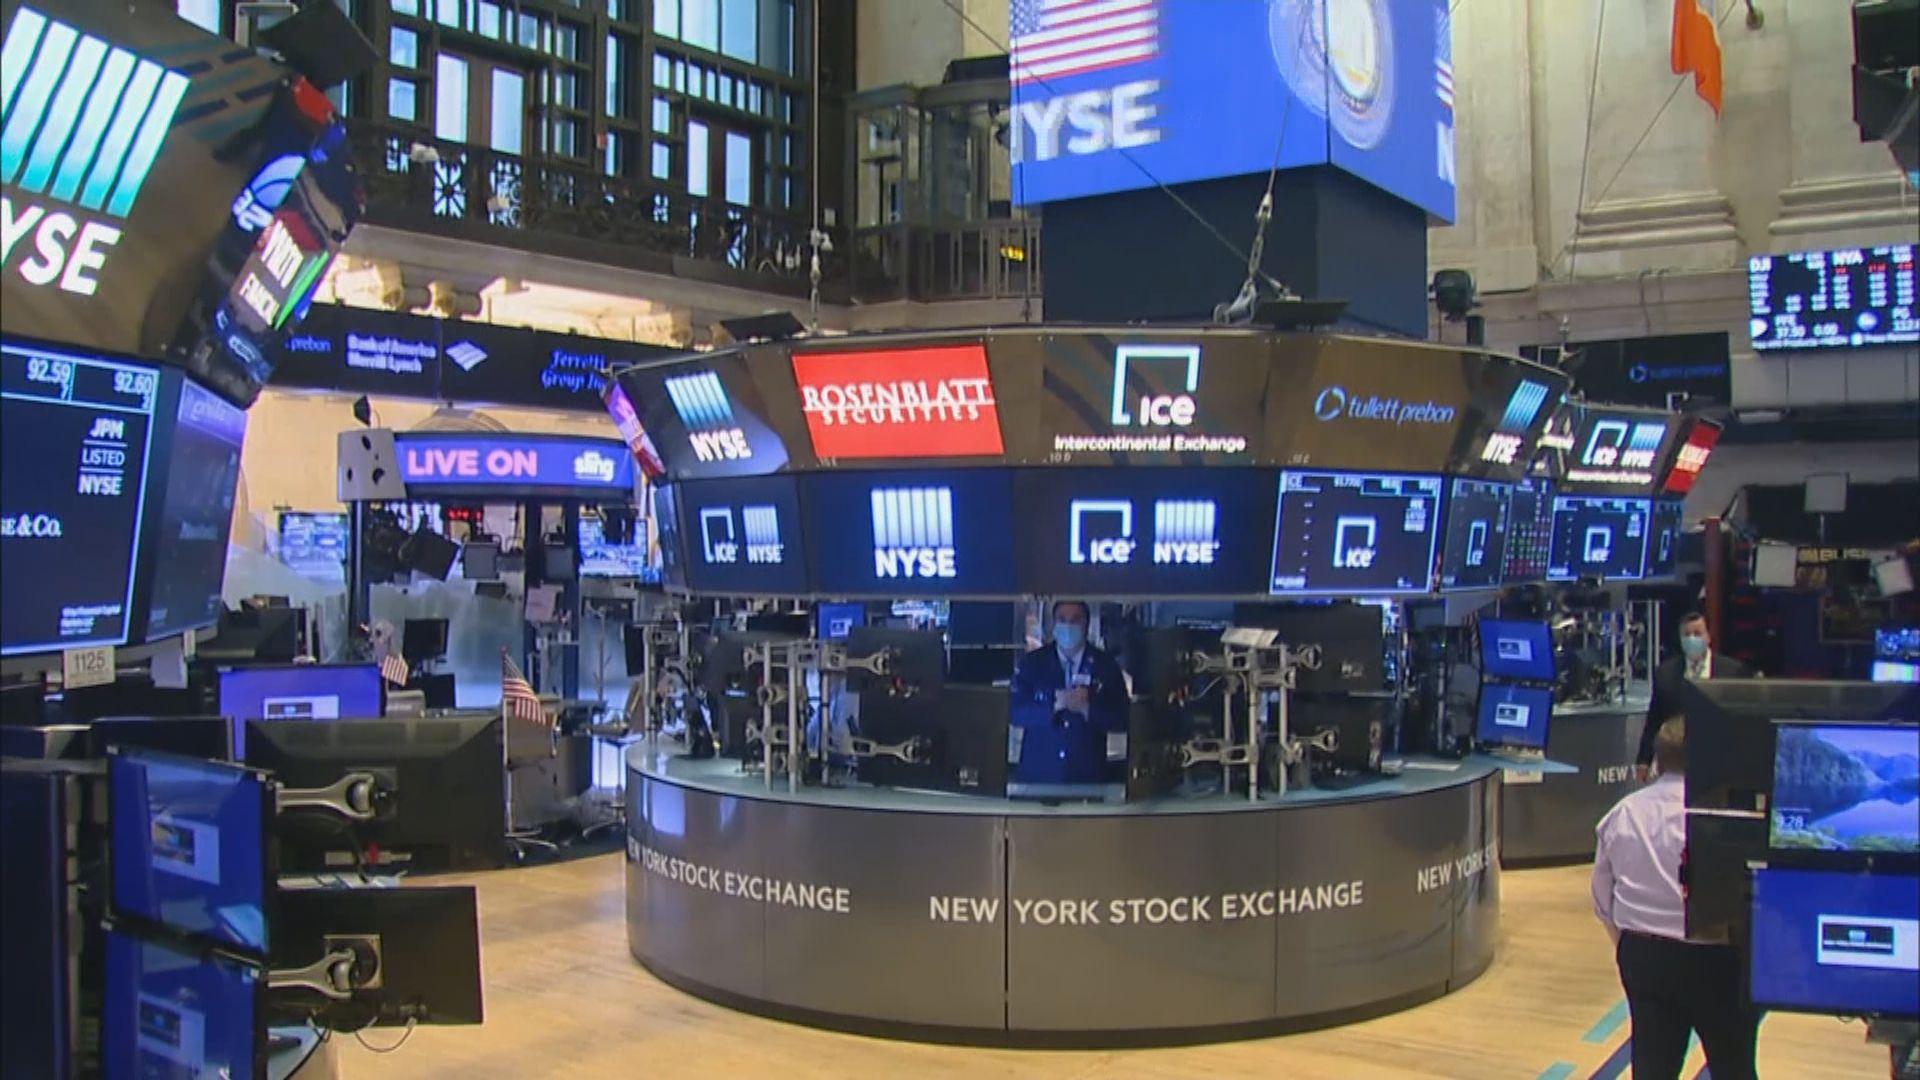 華爾街股市反彈 道指升177點